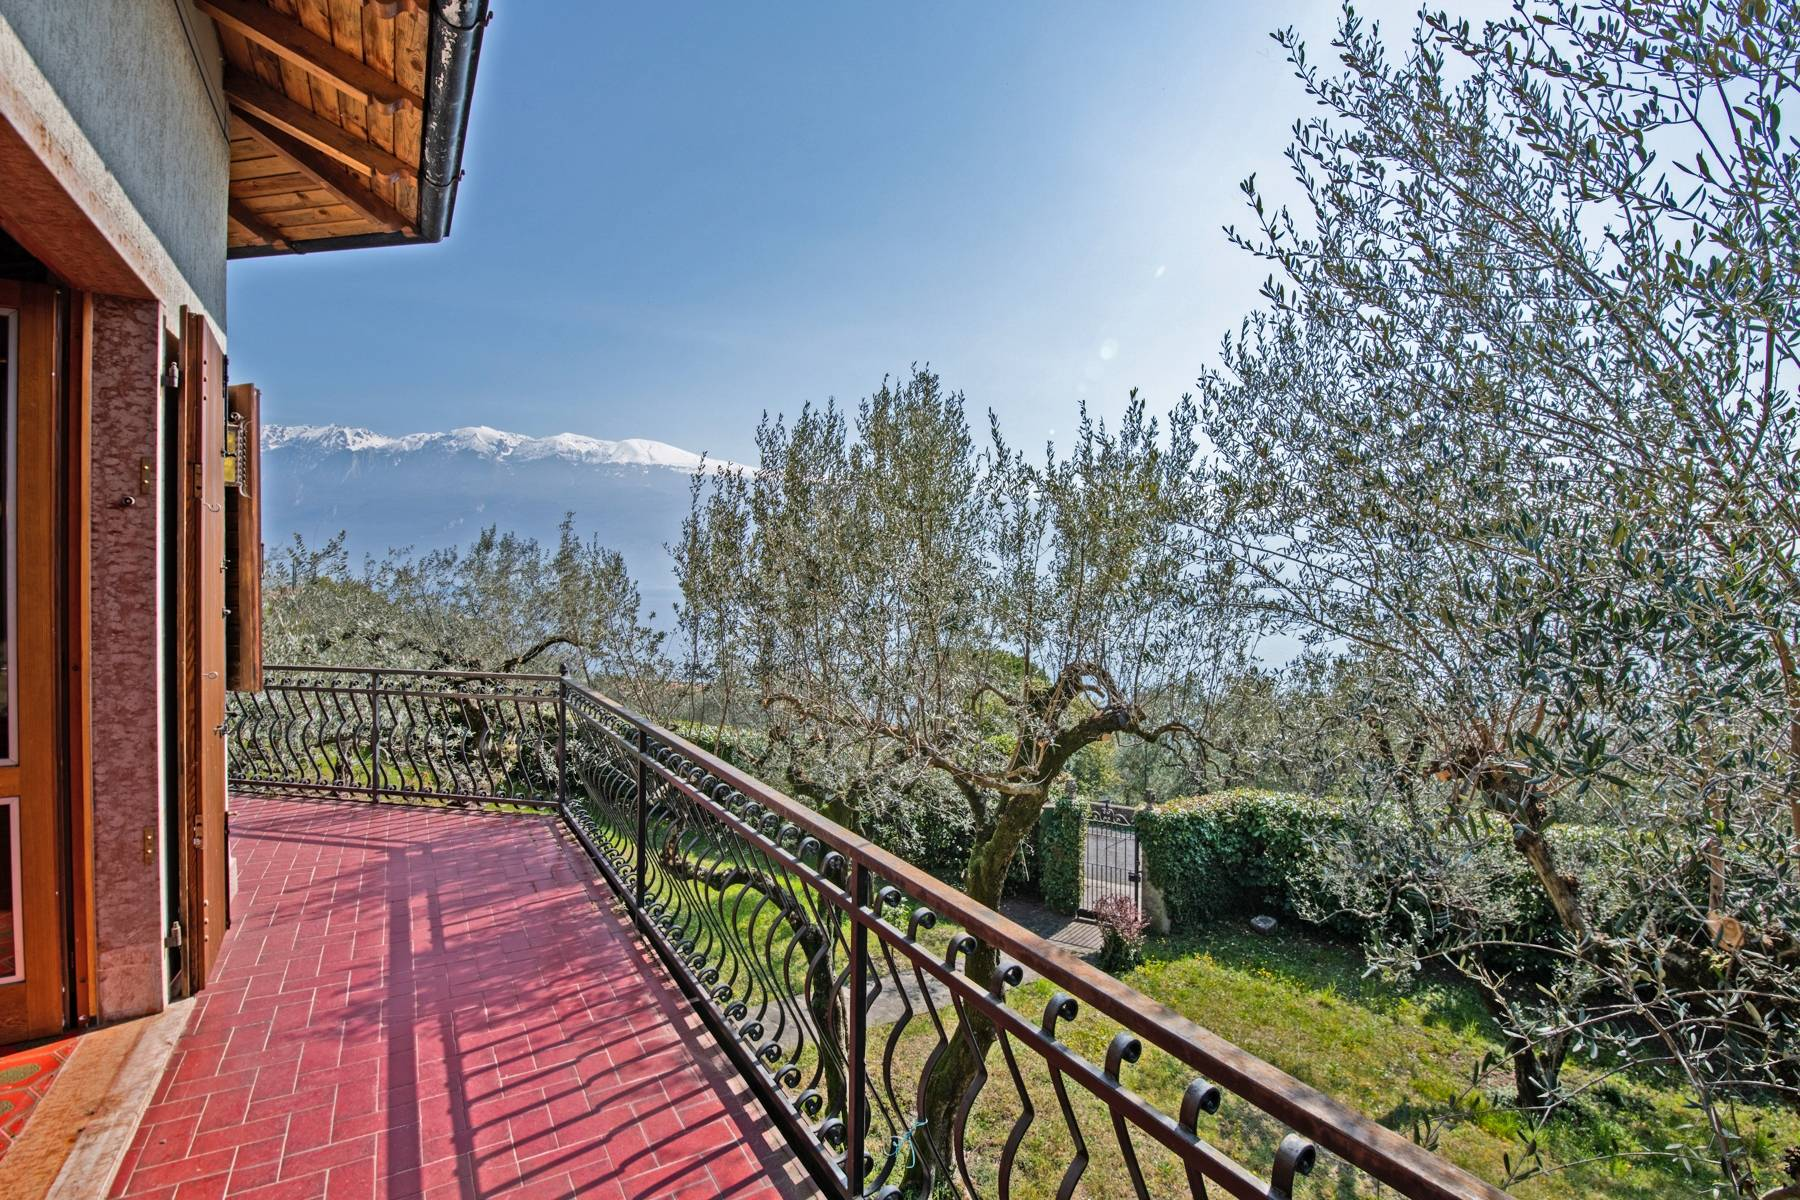 Villa in Gargnano inmitten der Olivenbäume vom Gardasee mit herrlichem Seeblick - 25